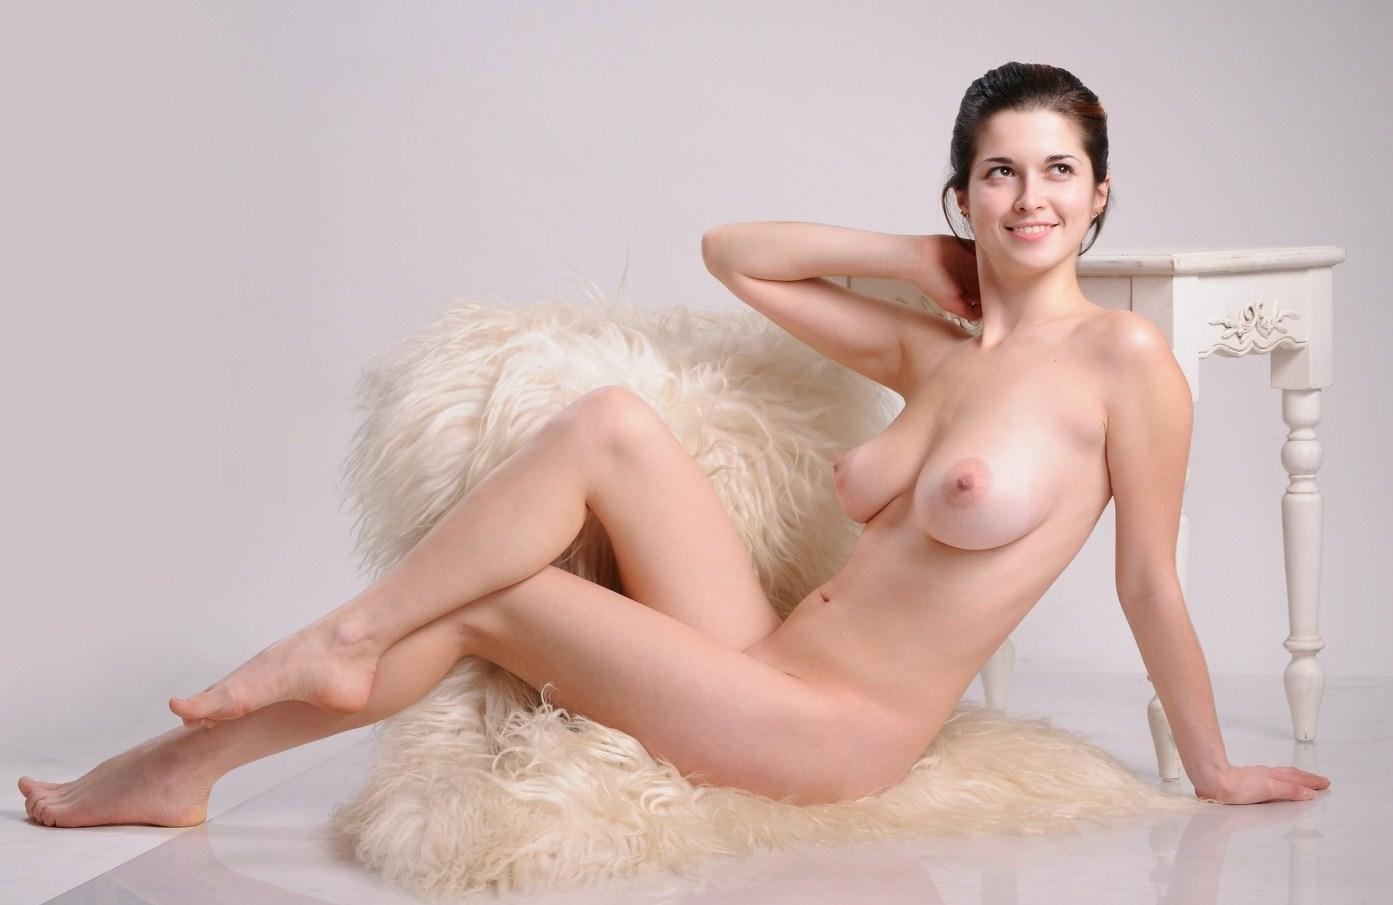 margaret colin nude